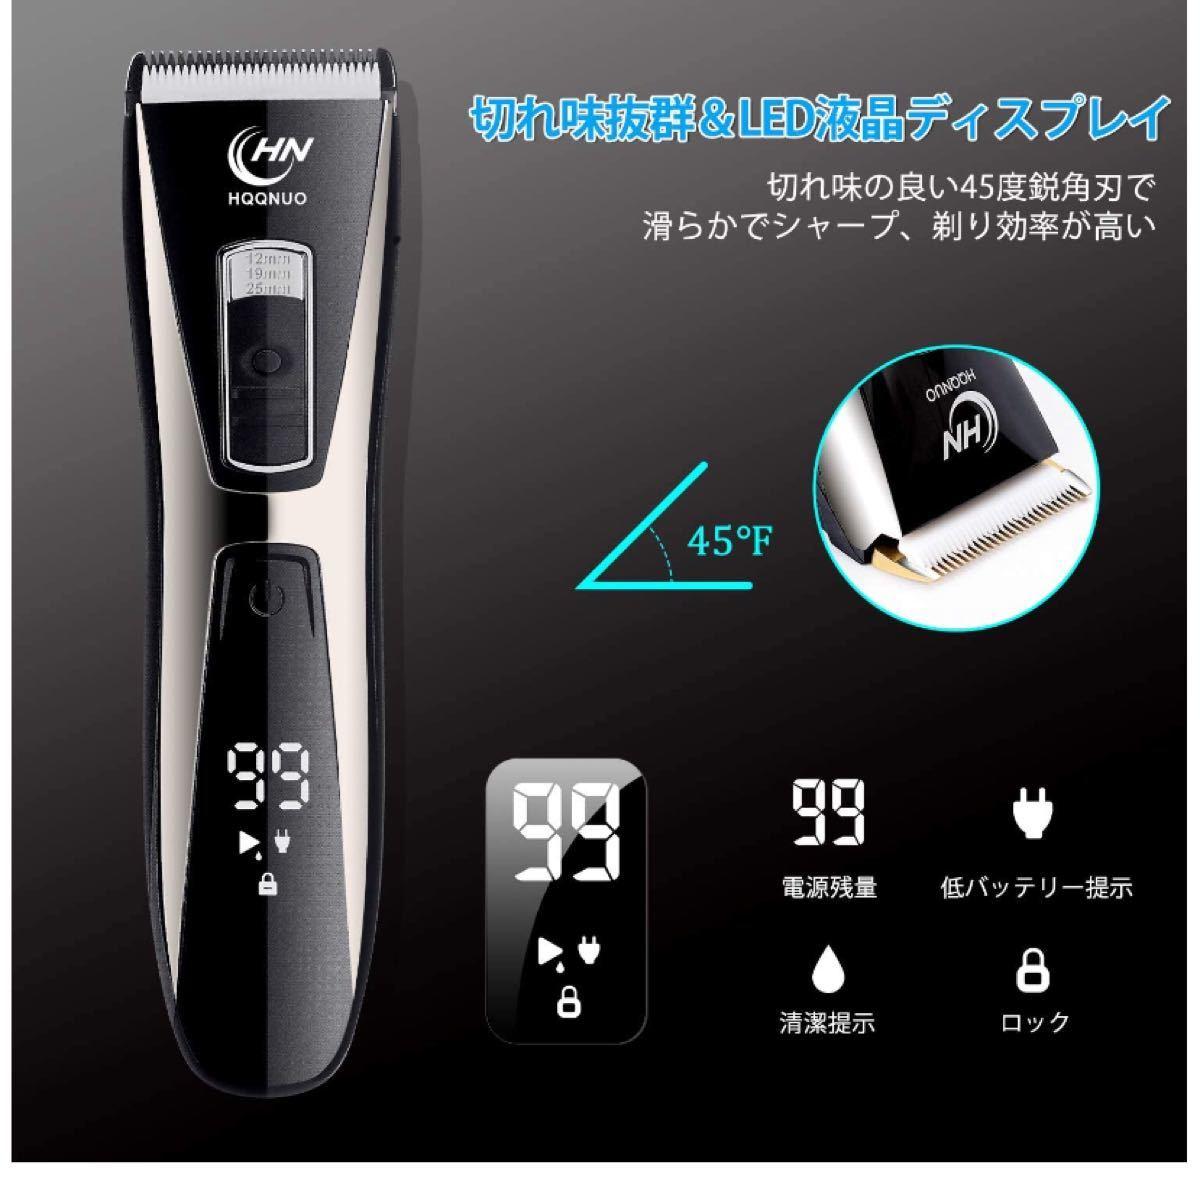 ◆新品◆ 電動バリカン ヘアカッター ヒゲトリマー 充電式 水洗い可 8段刈り